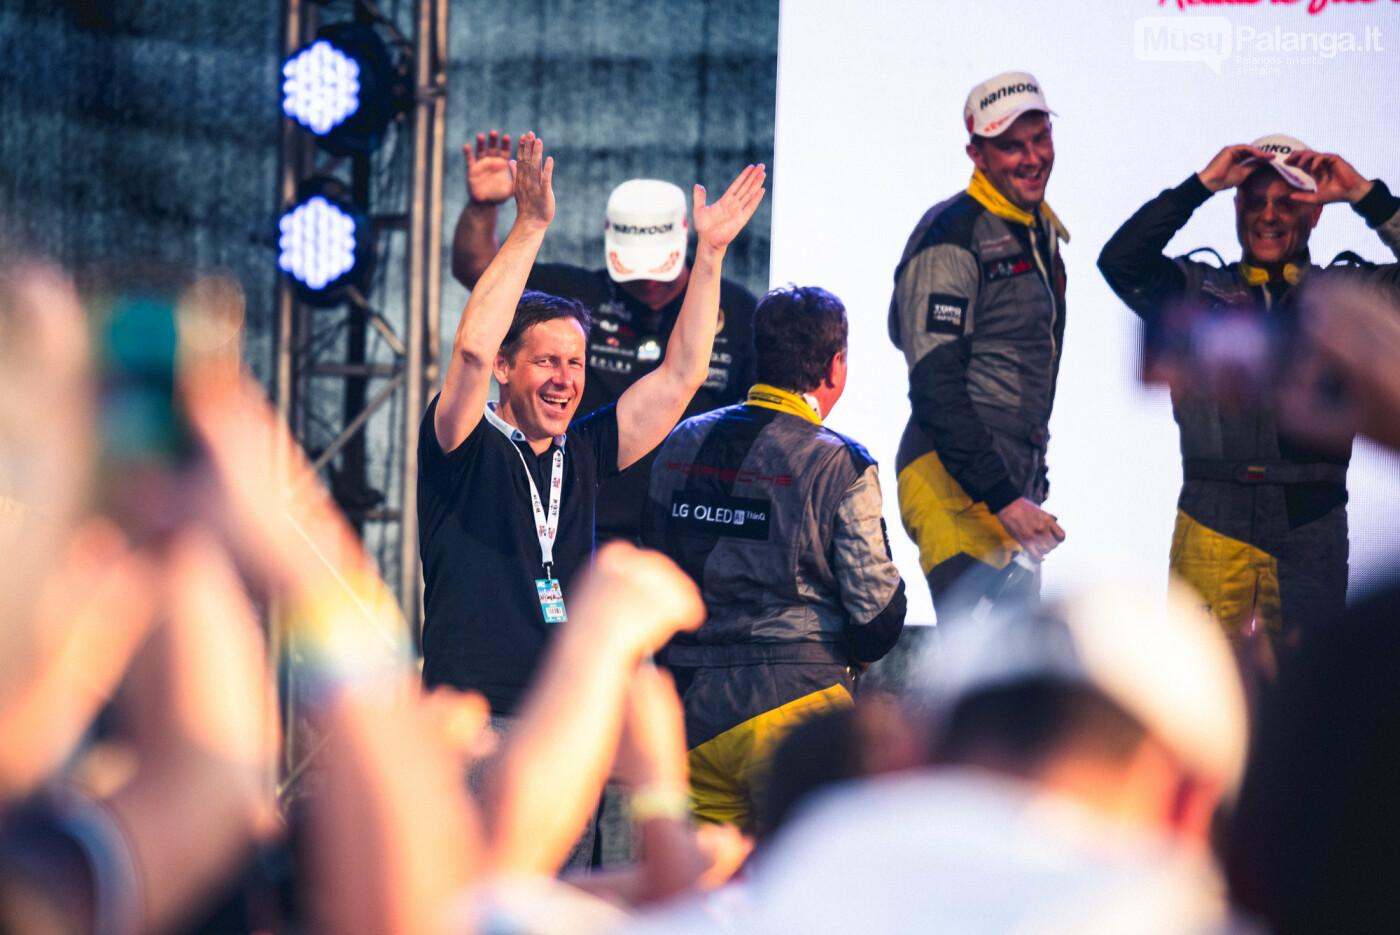 """""""Aurum 1006 km"""" lenktynėse Palangoje – praėjusių metų nugalėtojų triumfas , nuotrauka-11, Vytauto PILKAUSKO ir Arno STRUMILOS nuotr."""